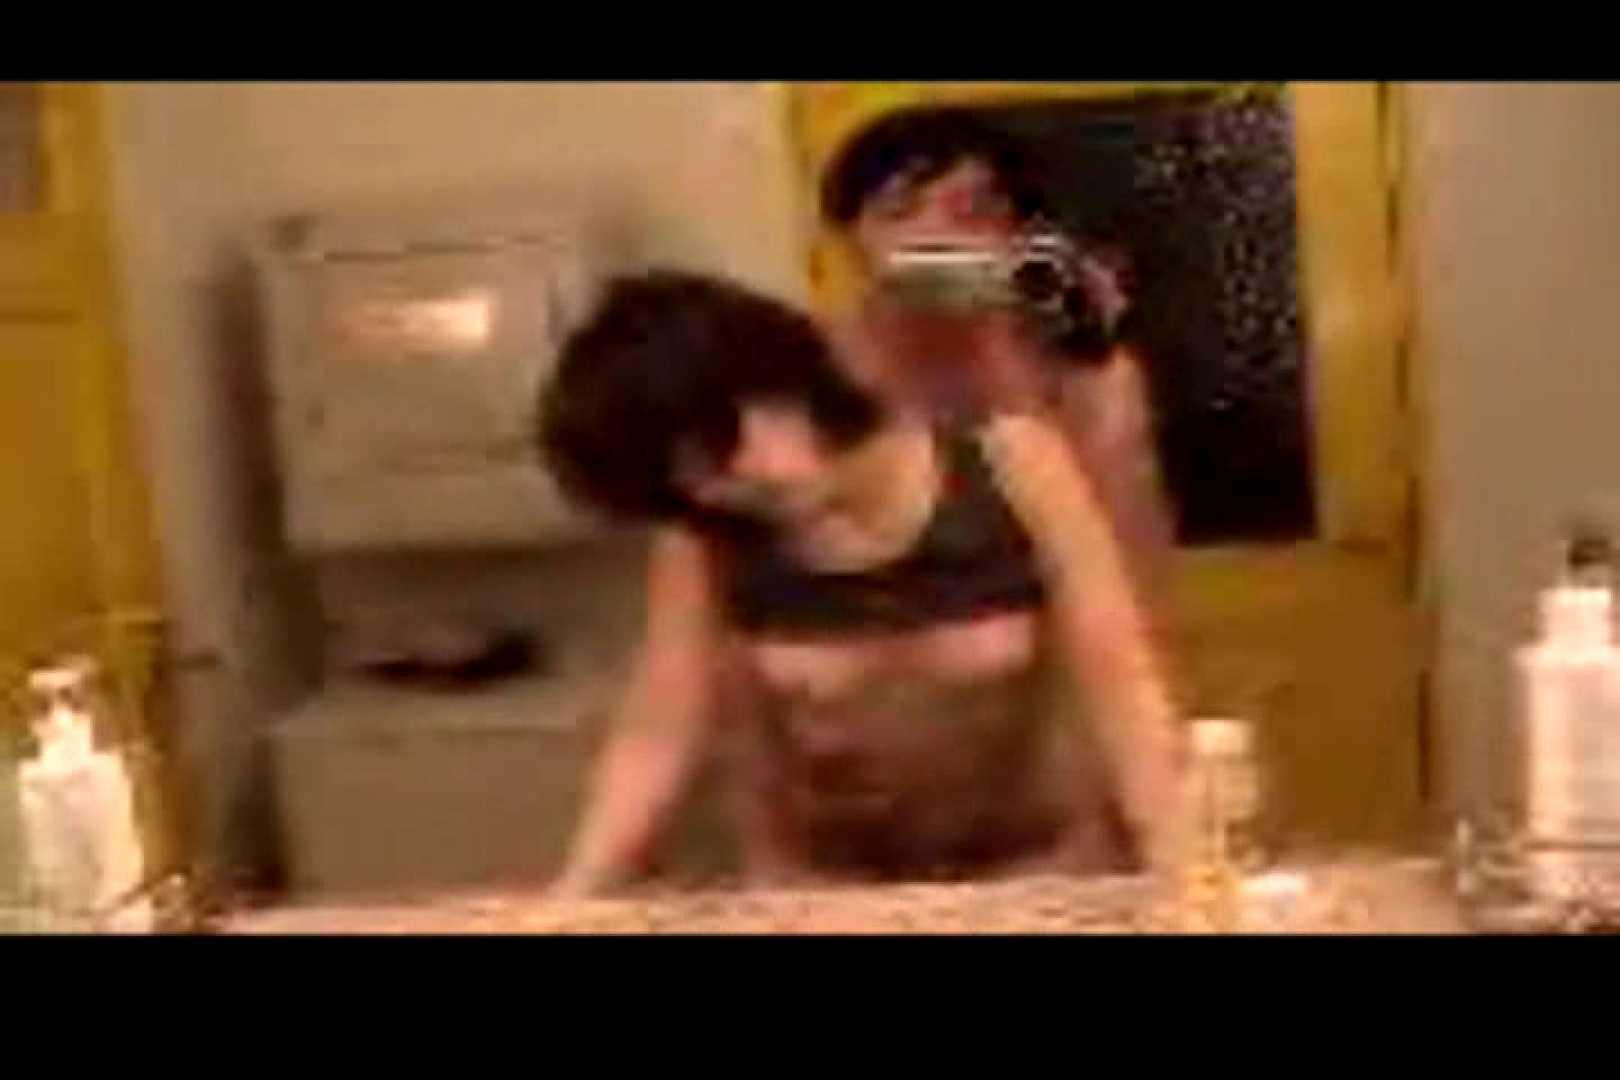 ウイルス流出 ロ●ム京都 青木恭子 セックス ヌード画像 93画像 70